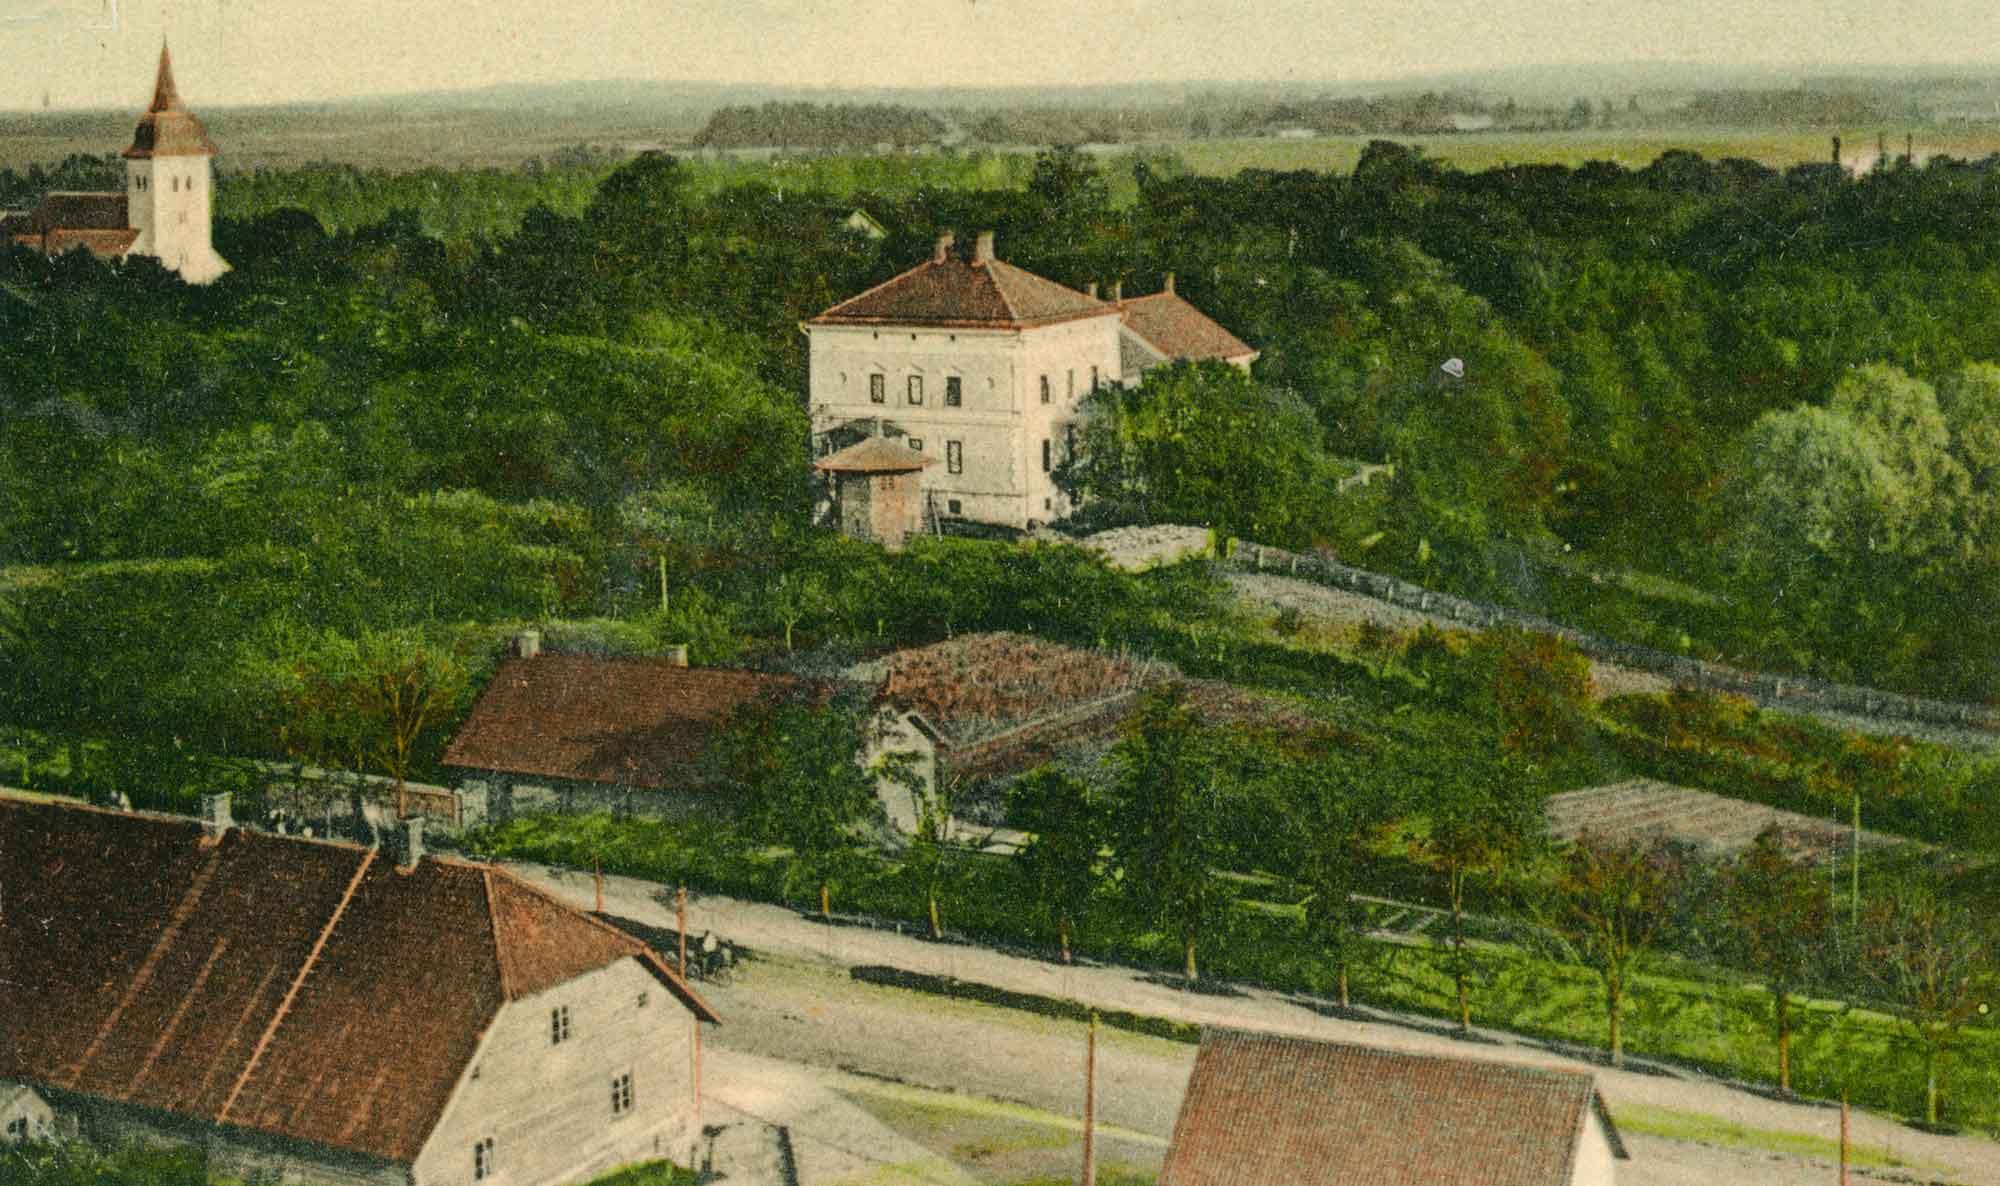 Vaade Viljandile: Vaksali tänav, mõisa peahoone ja aed ning Jaani kirik